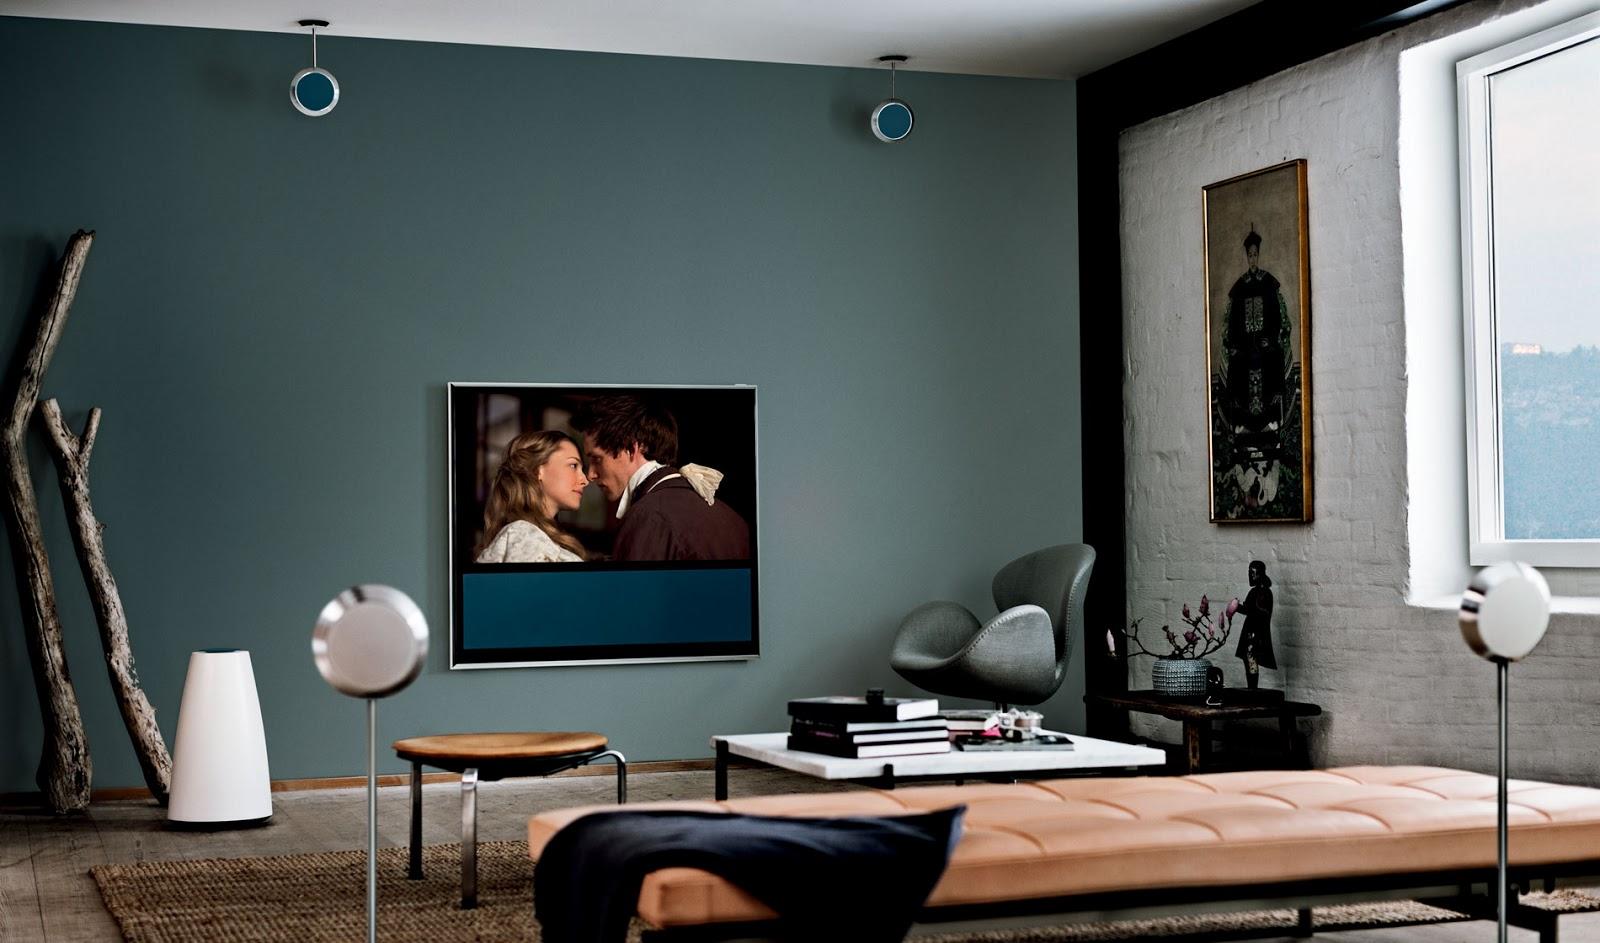 Living Room Speakers Part   16: Living Room Stereo System Living Room  Speakers House Beautifull